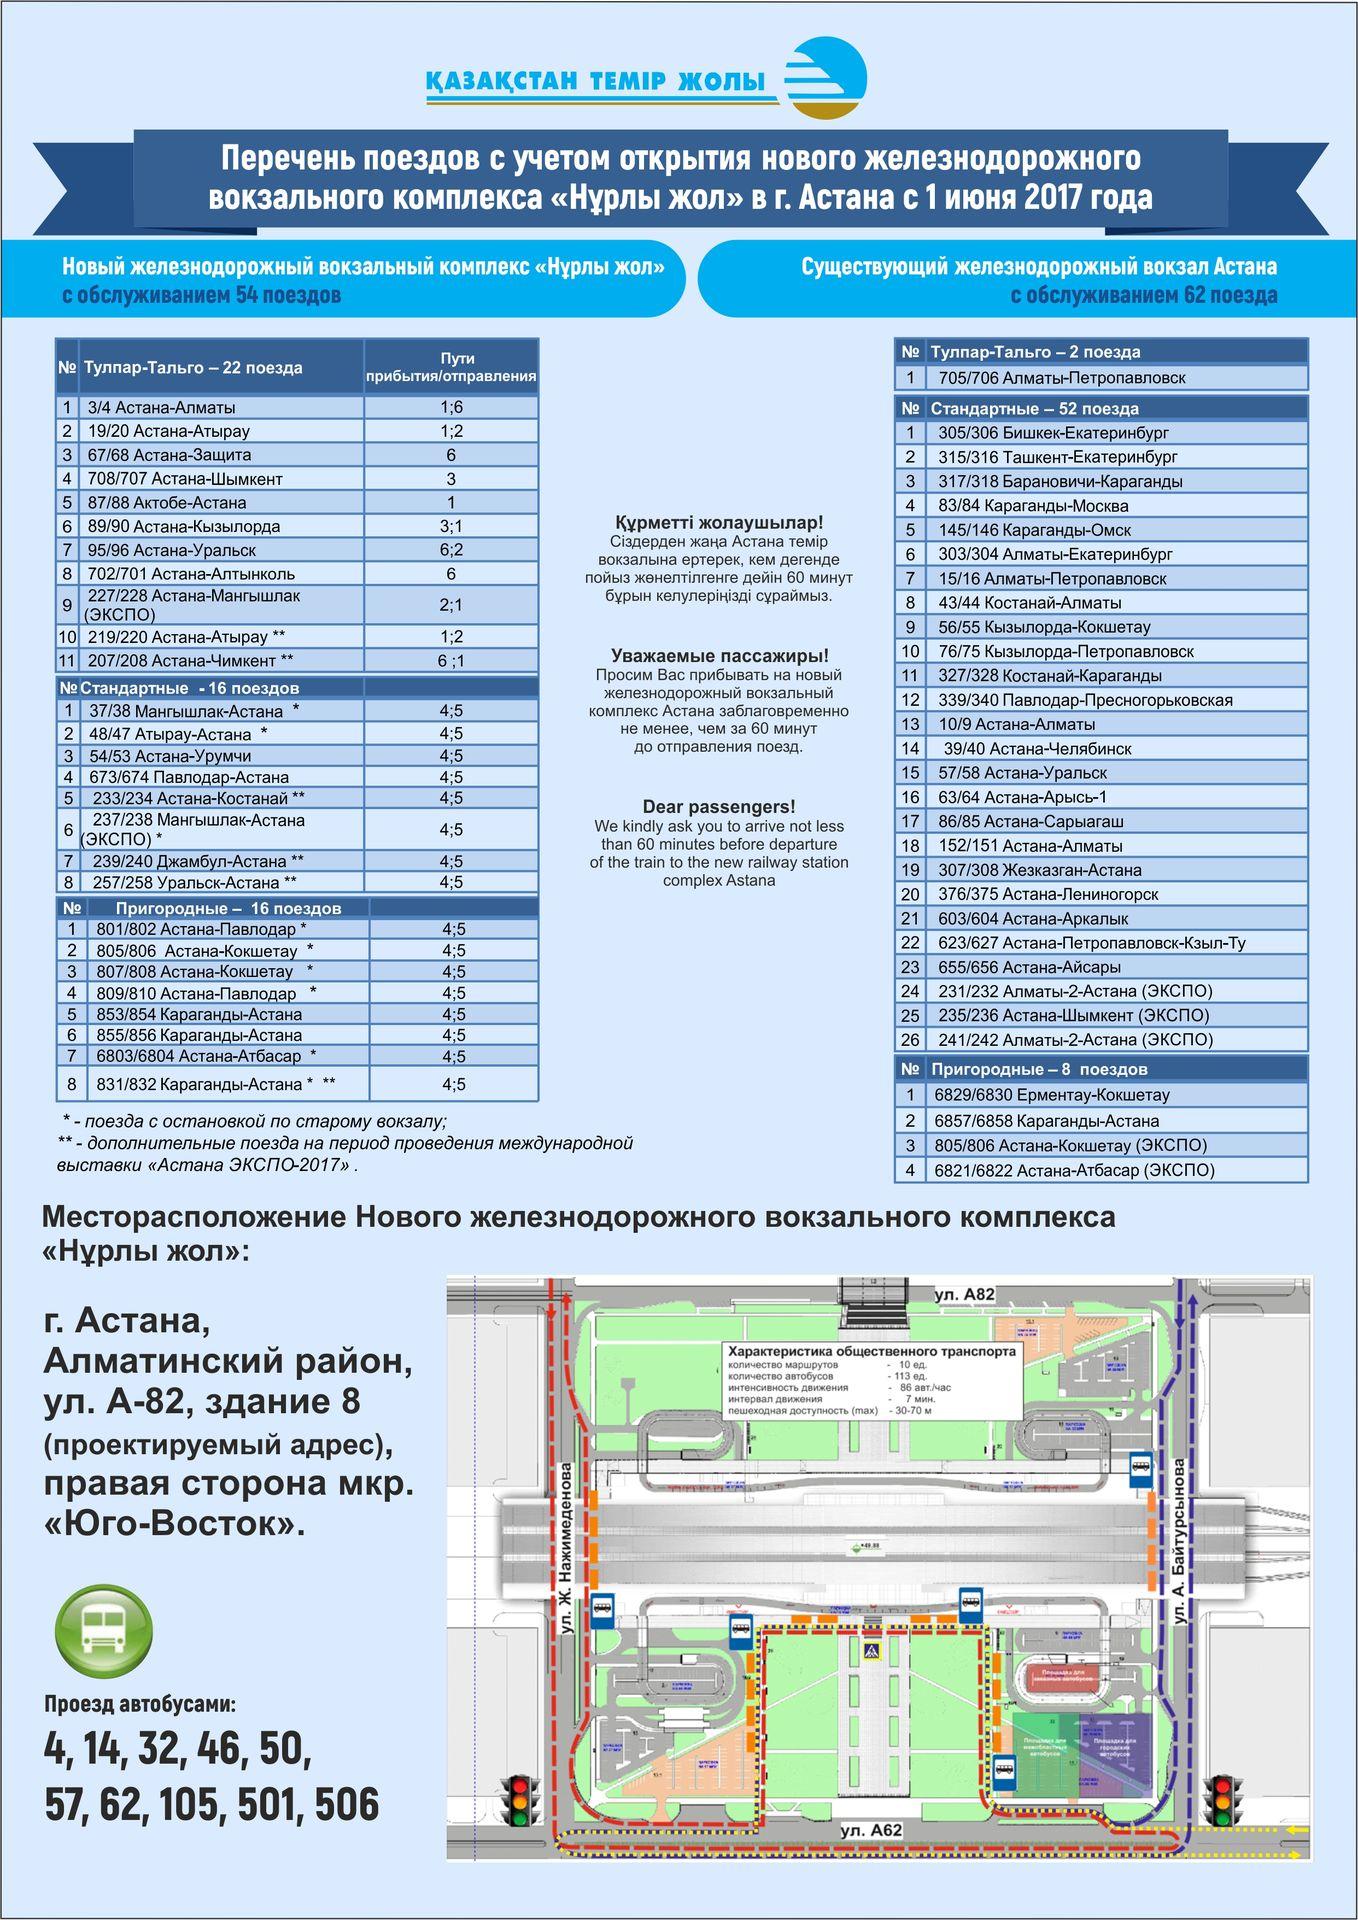 Расписание поездов костанай аркалык